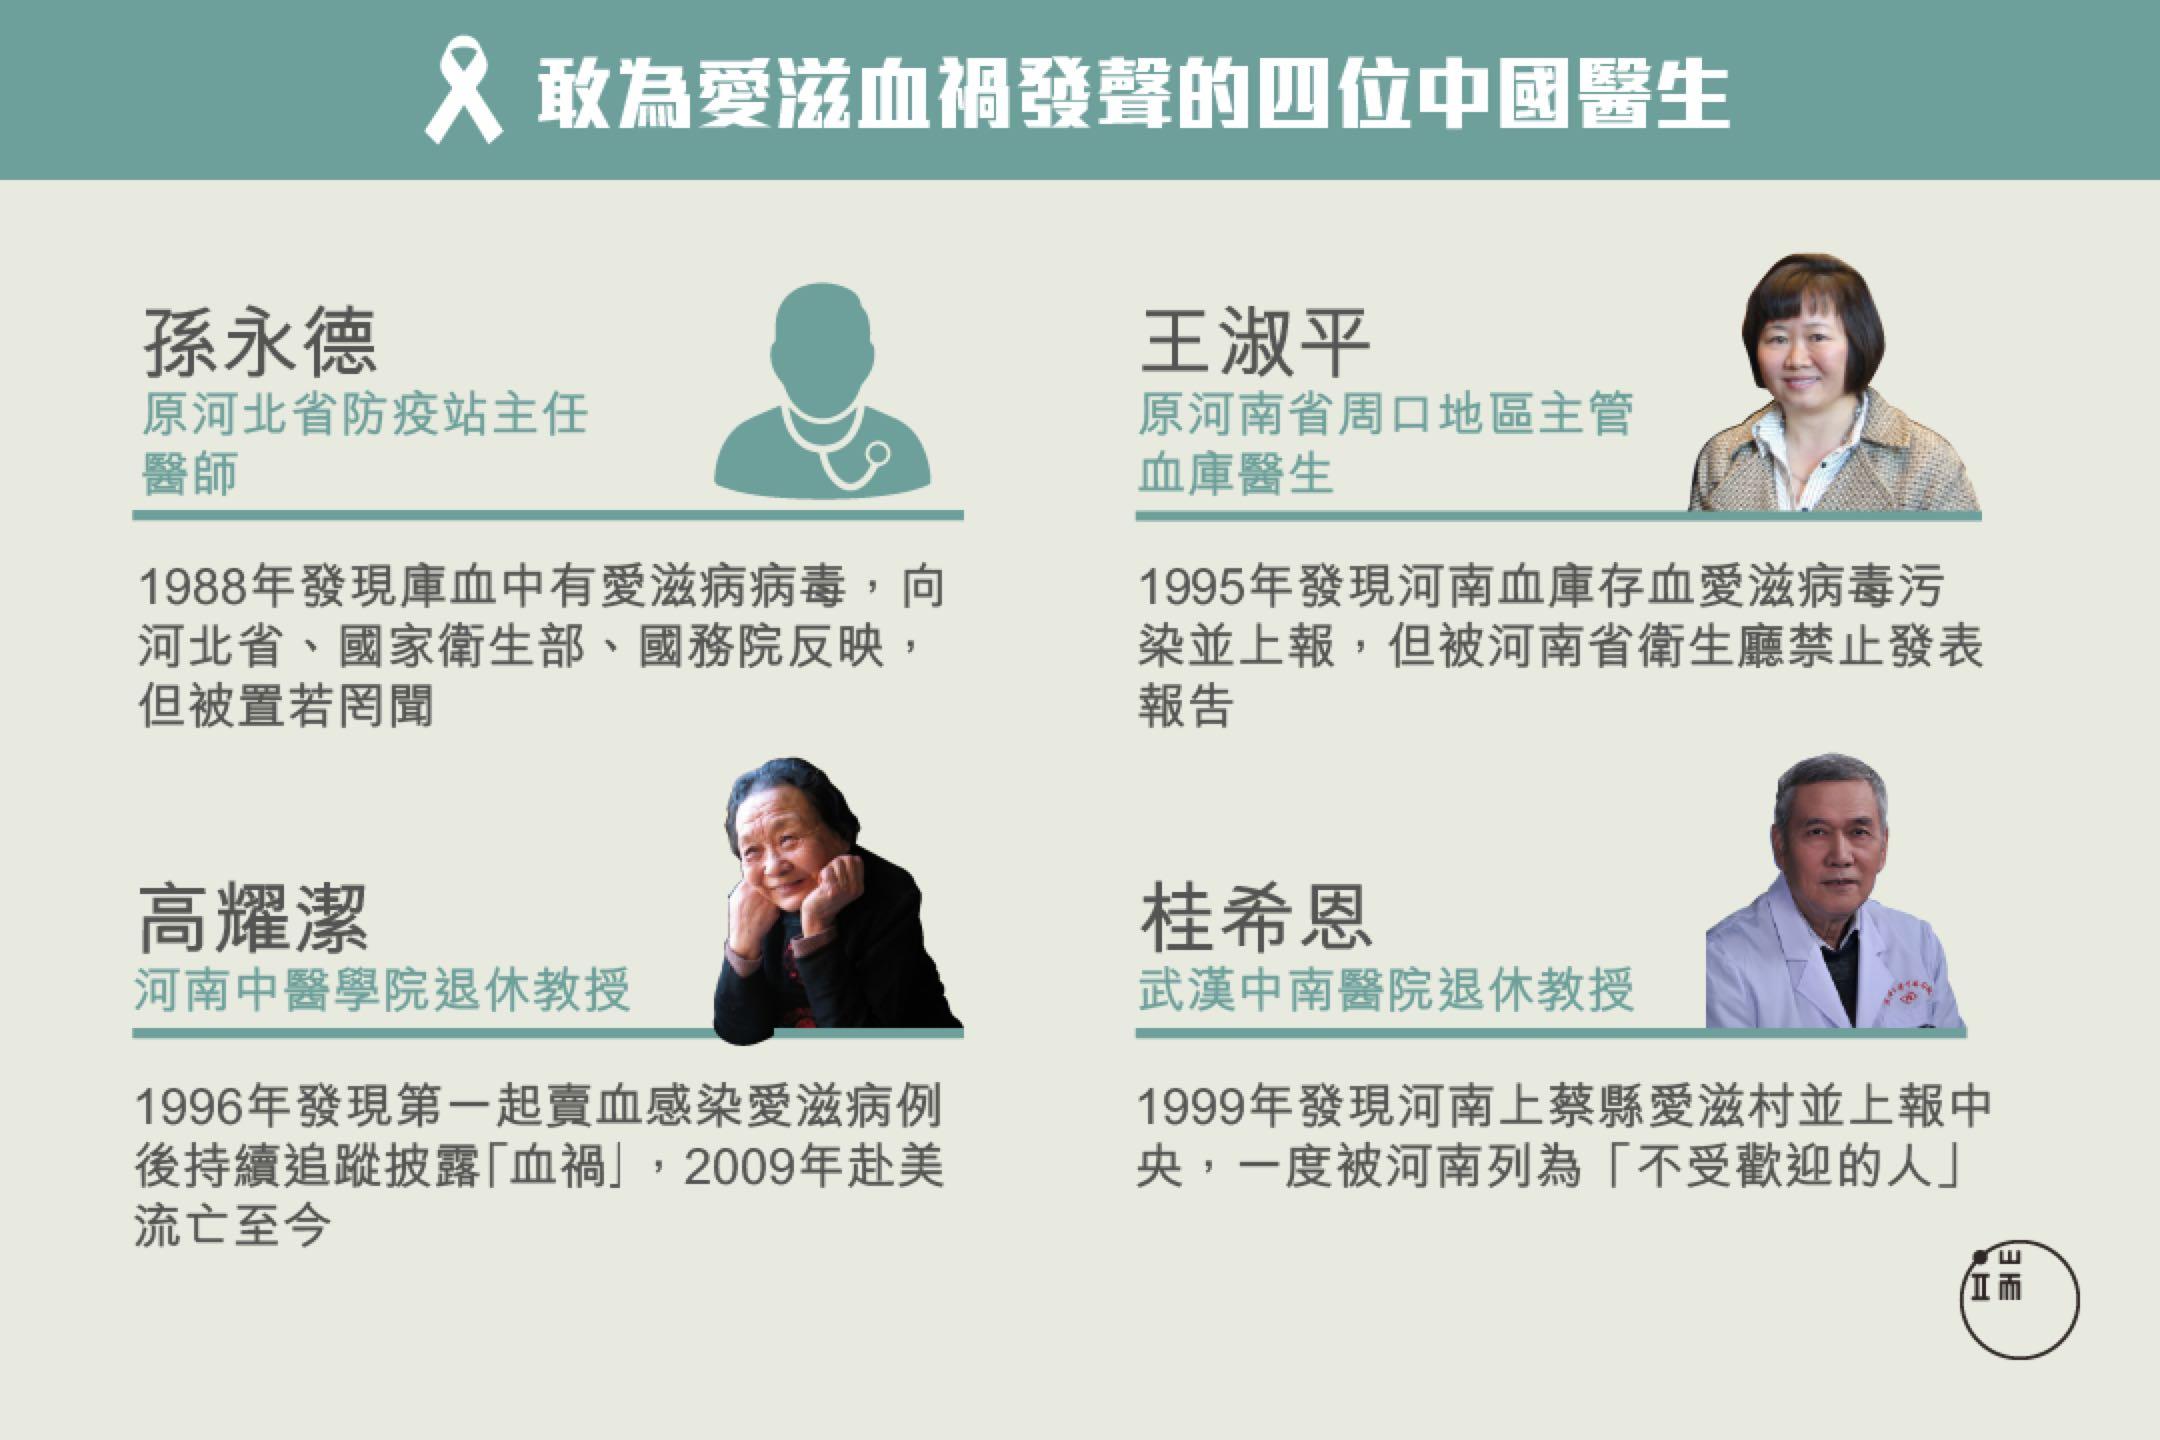 高耀潔說:「中國醫學界的醫生那麼多,目前我知道的站出來的醫務界人士也就這麼幾位吧,非常可悲。」